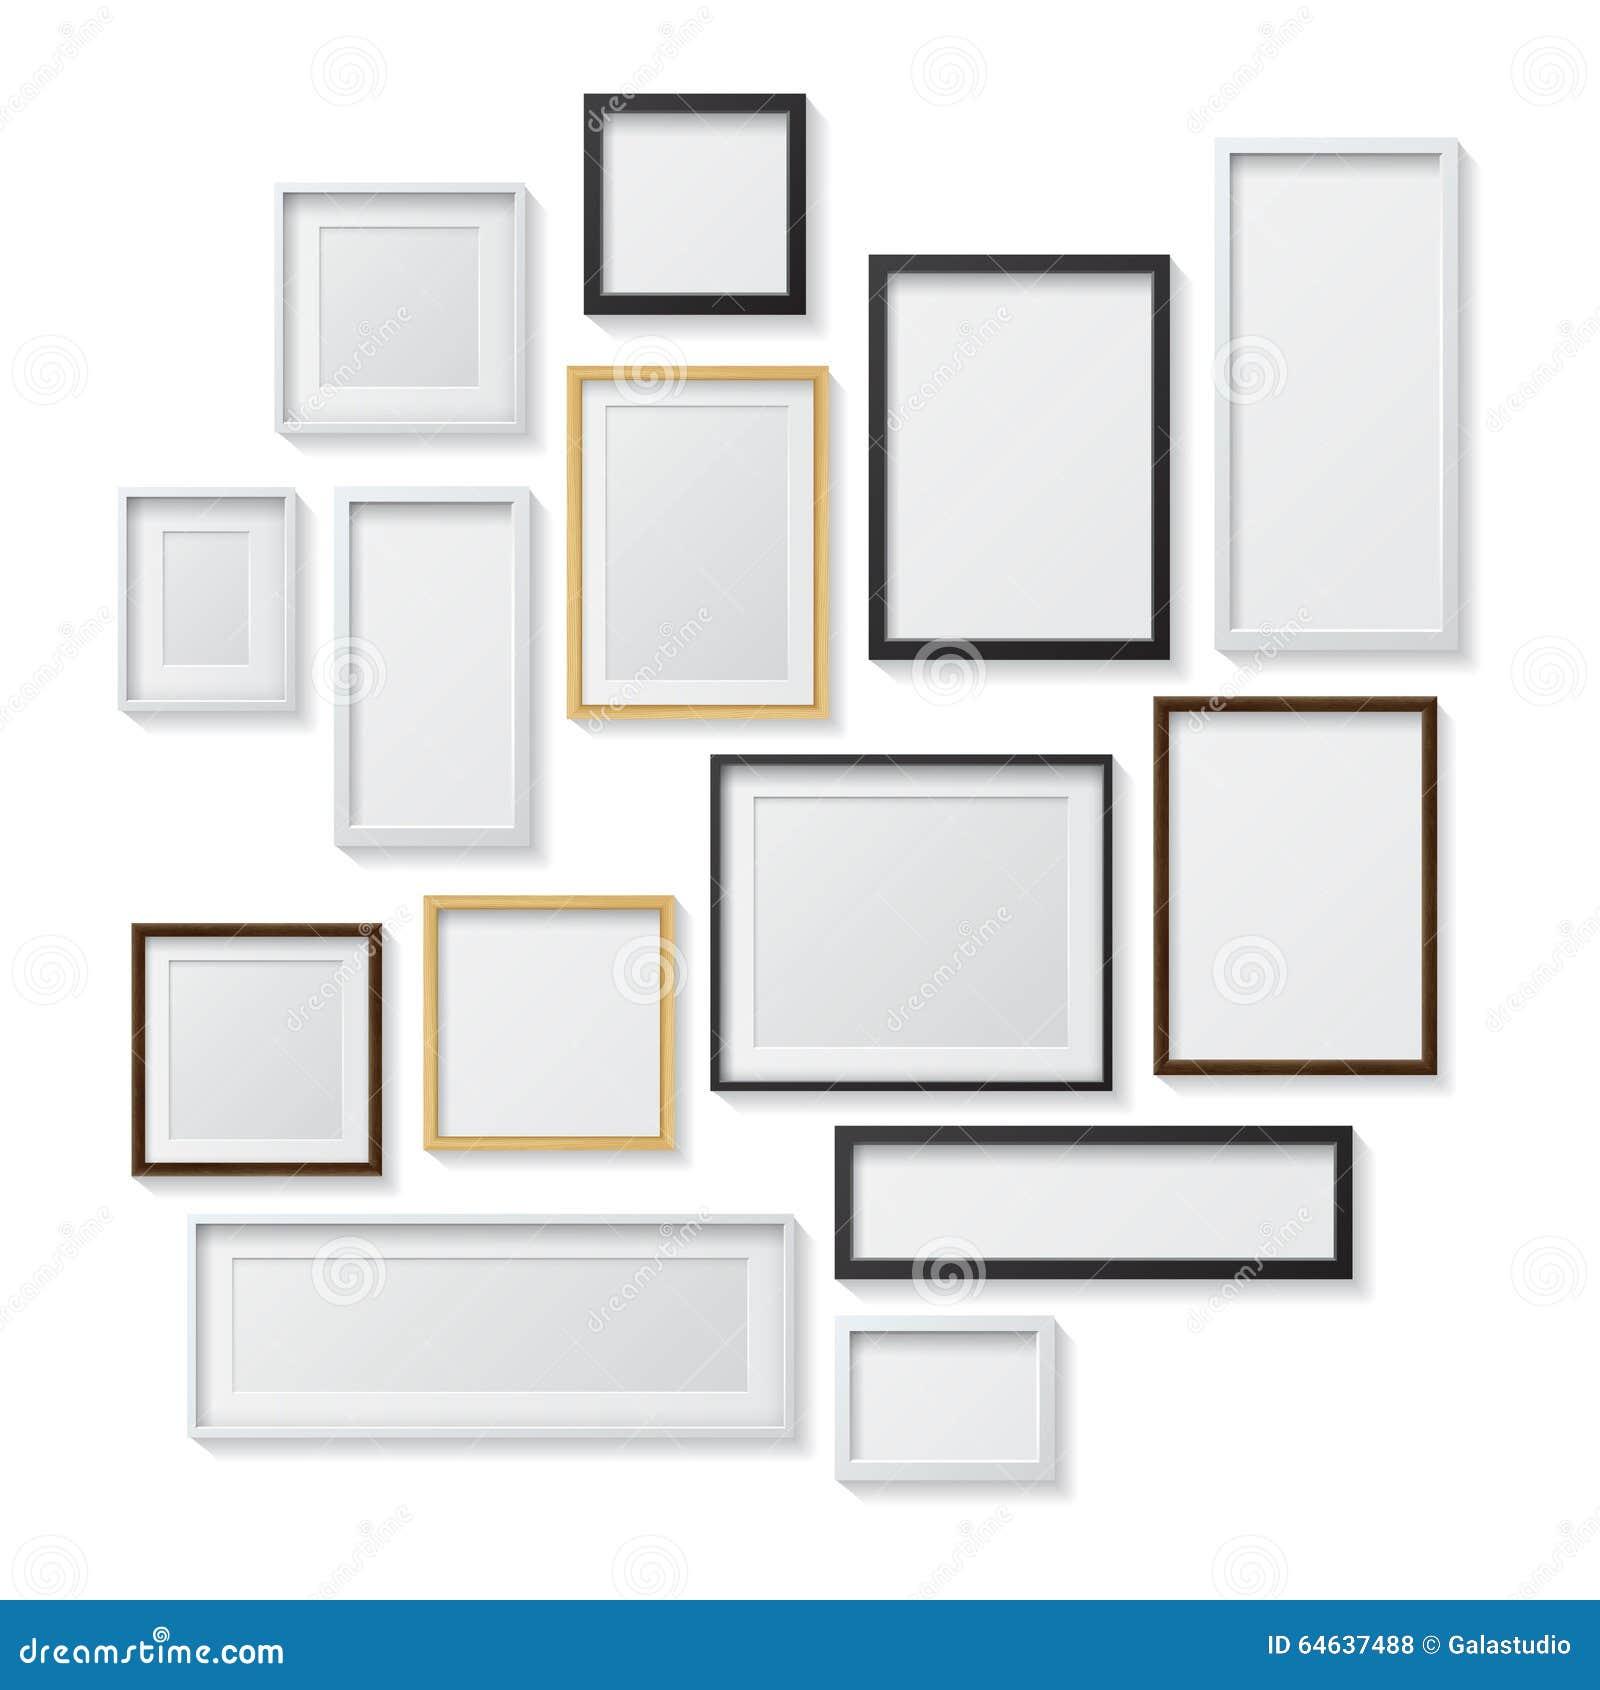 satz wei e und schwarze leere bilderrahmen und stock abbildung bild 64637488. Black Bedroom Furniture Sets. Home Design Ideas